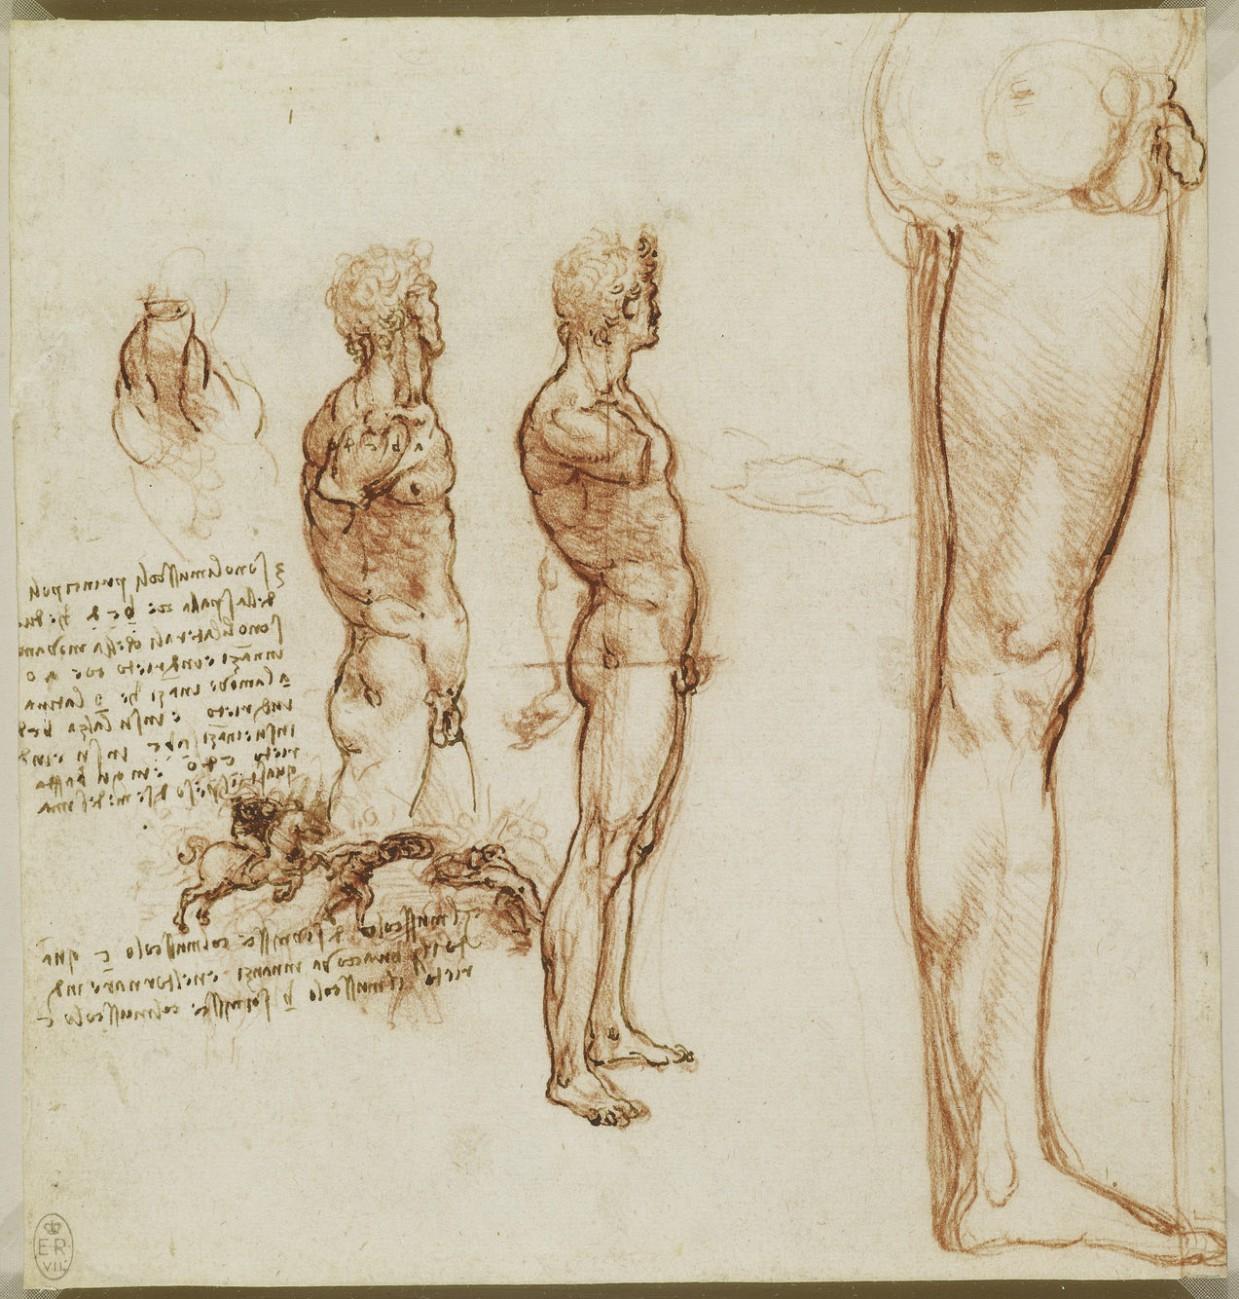 estudio anatomico leornado 6